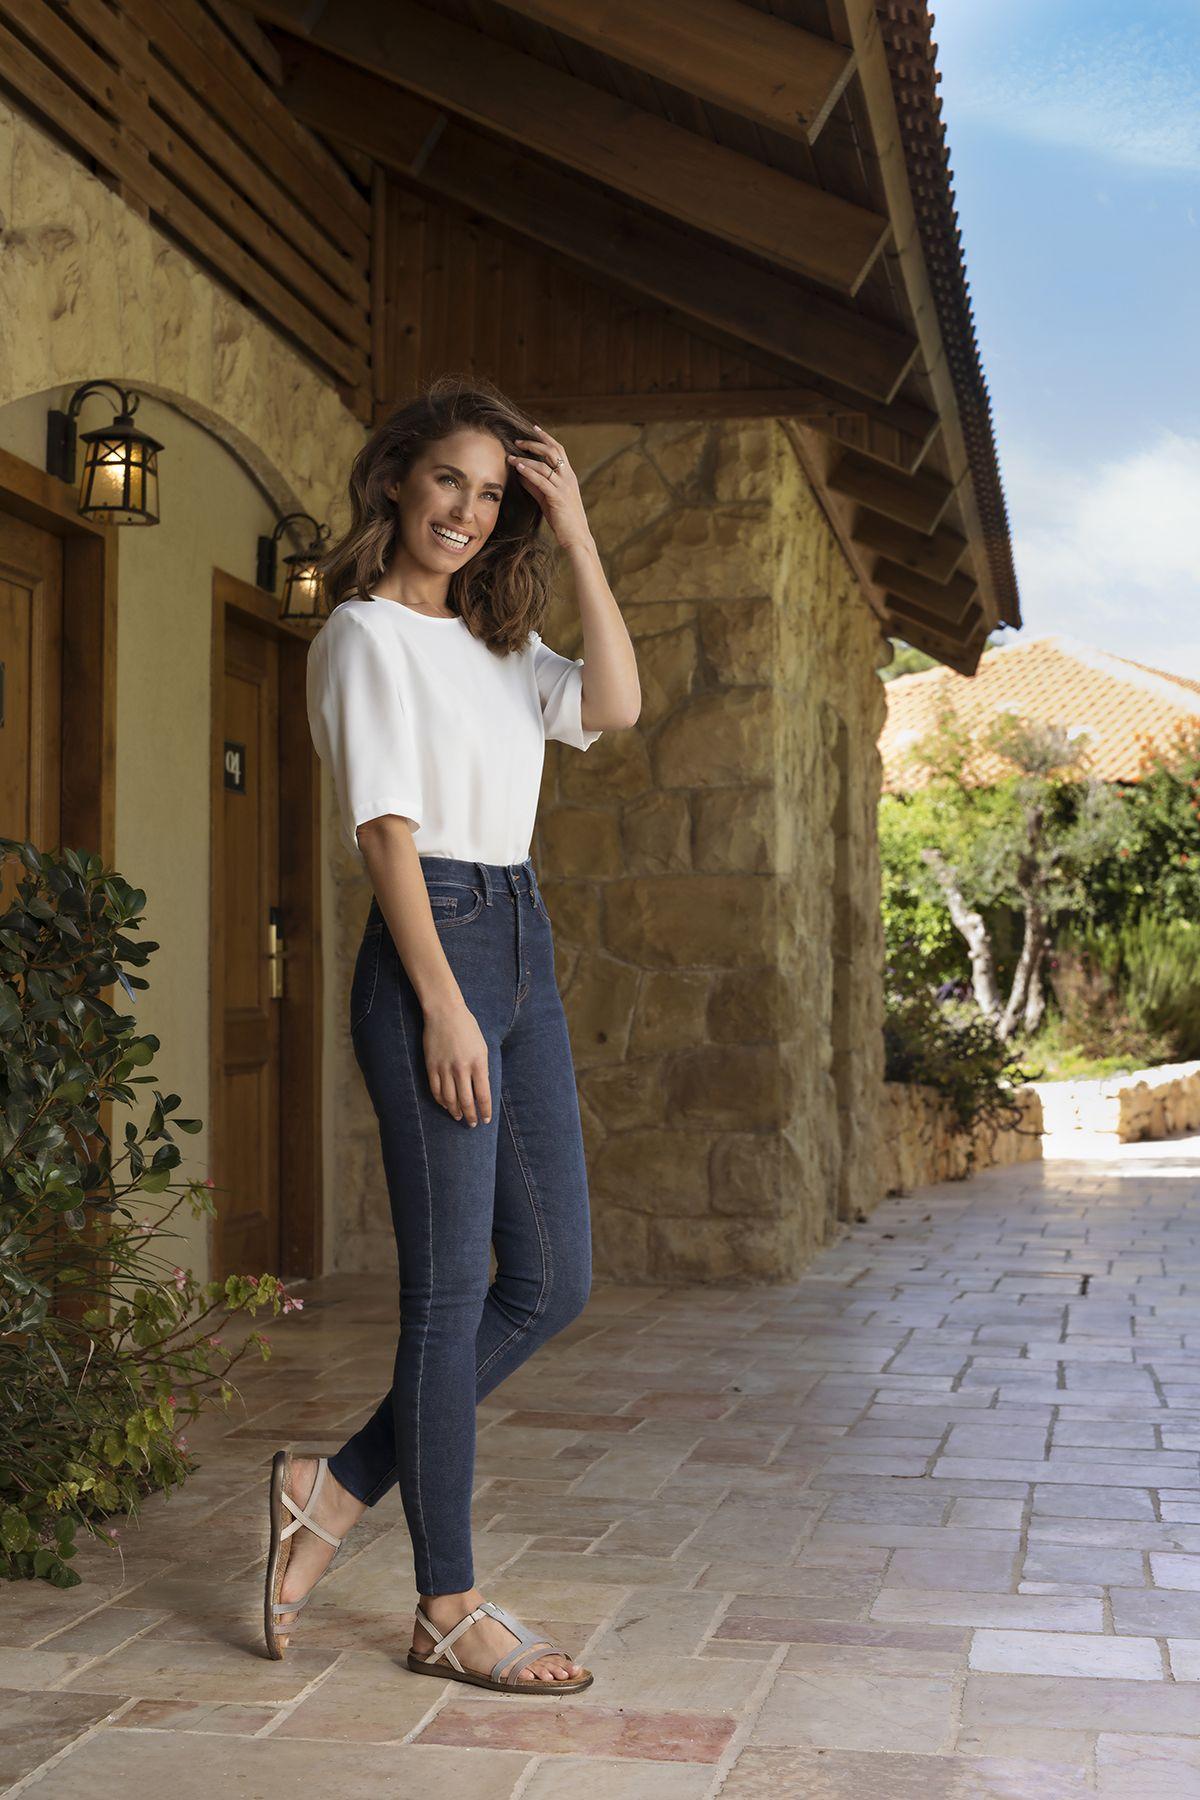 7 اصل مهم داشتن استایل تابستانه جدید,استایل تابستانه جدید,اصول مهم استایل تابستانه,کفش صندل